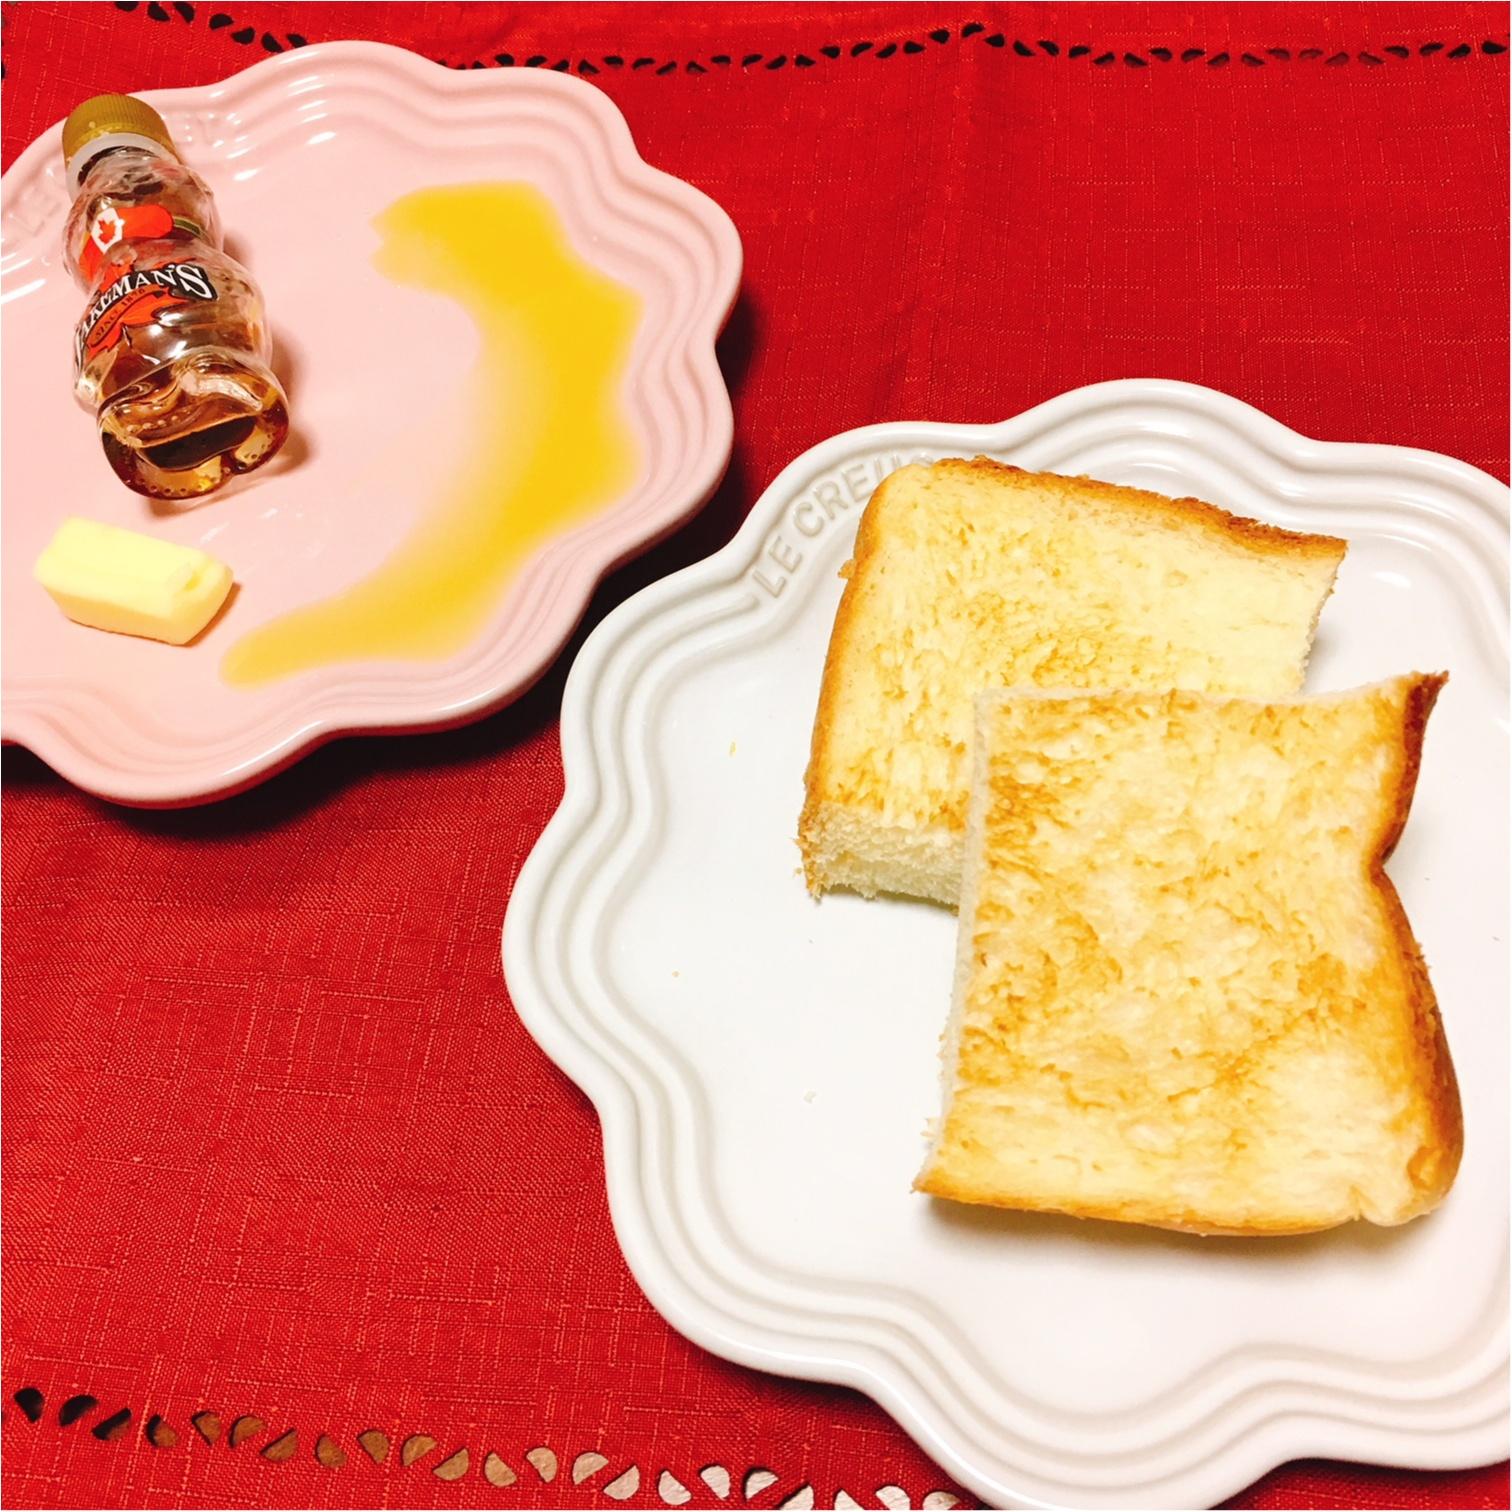 【俺のBakery&cafe/銀座】究極の食パンを頂きました☆_3